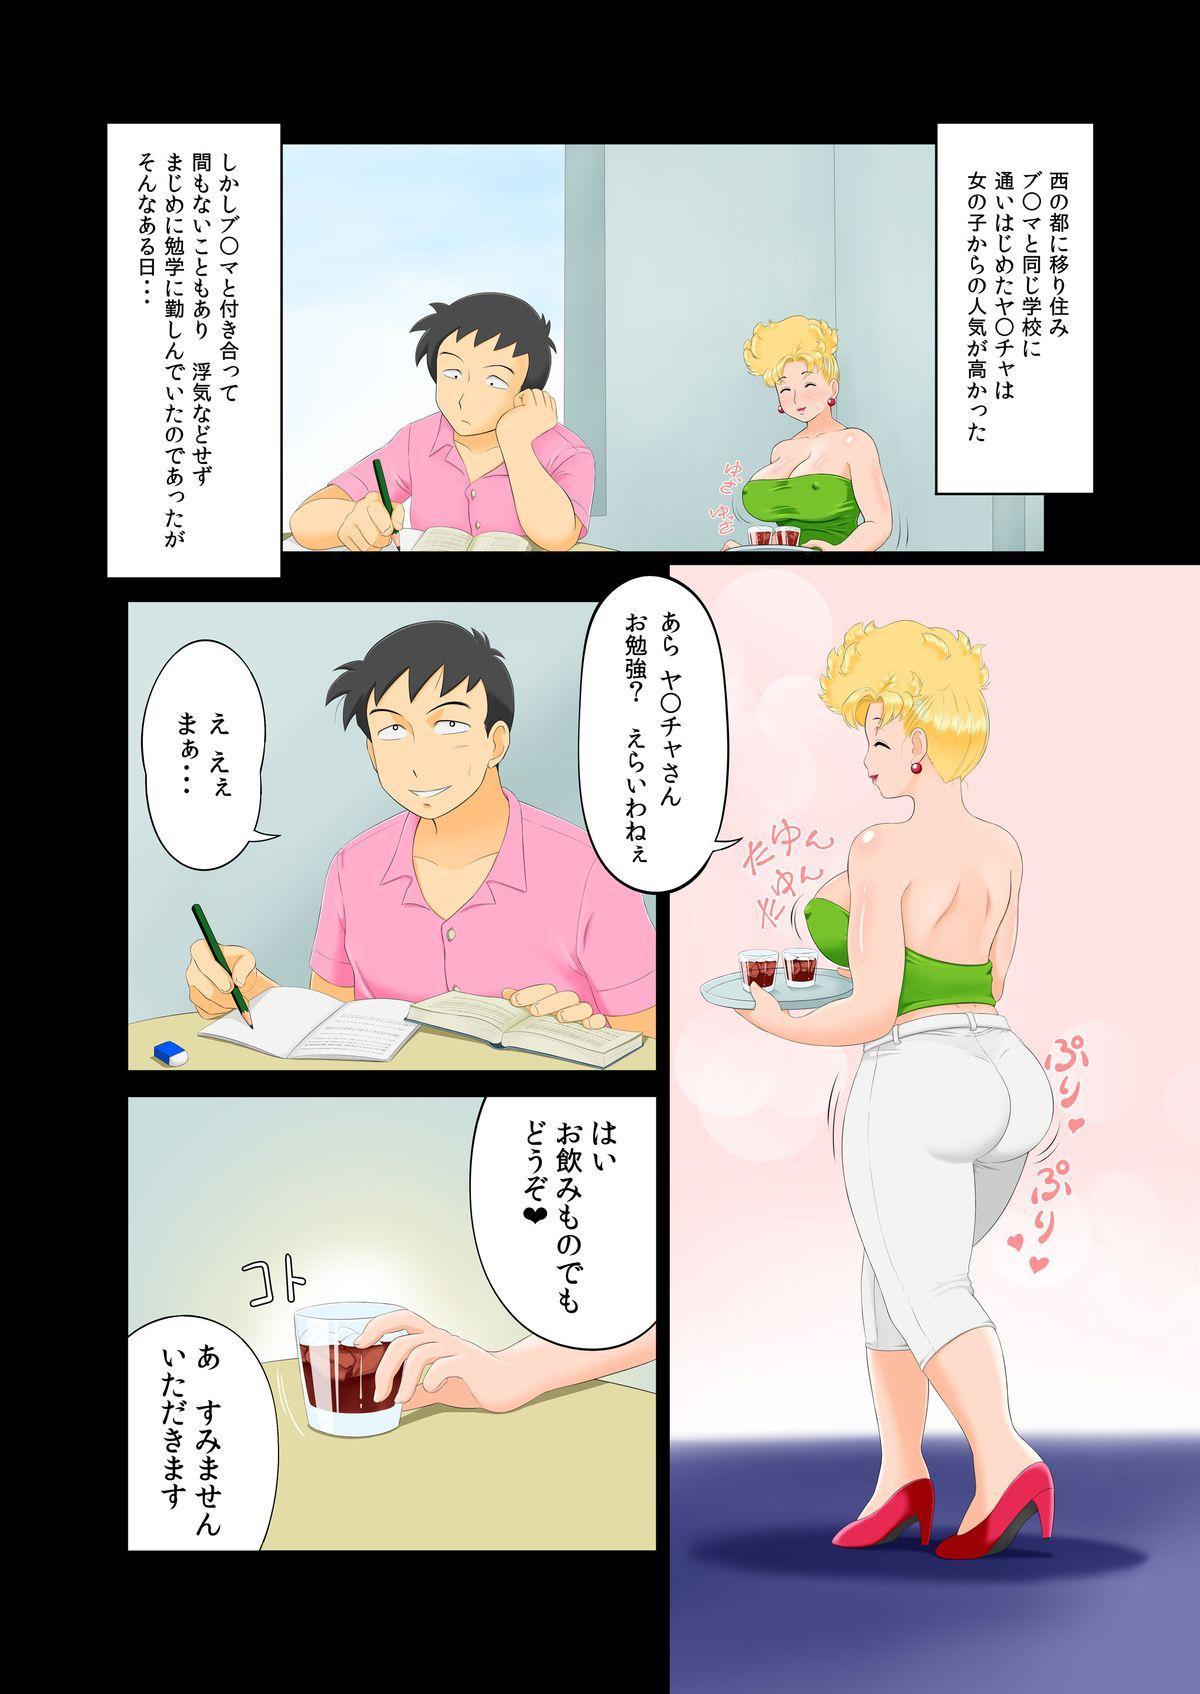 Musume no Koibito to Sex shichatta Mama. 2